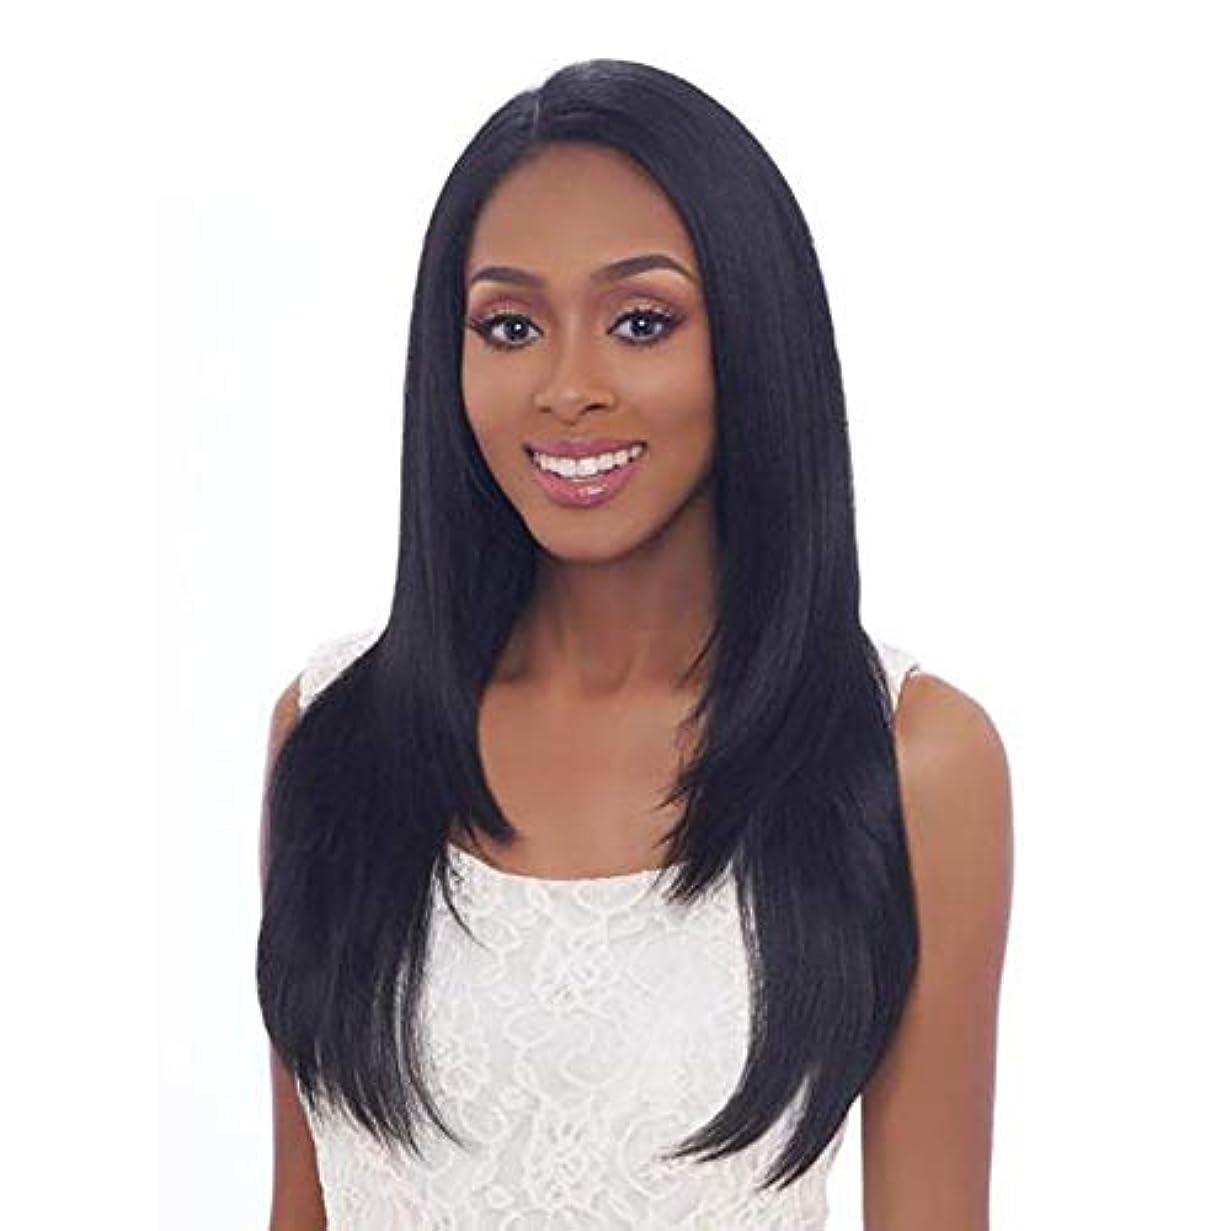 便益成熟裁量黒の長いストレートヘアウィッグファッションナチュラルウィッグ24インチ